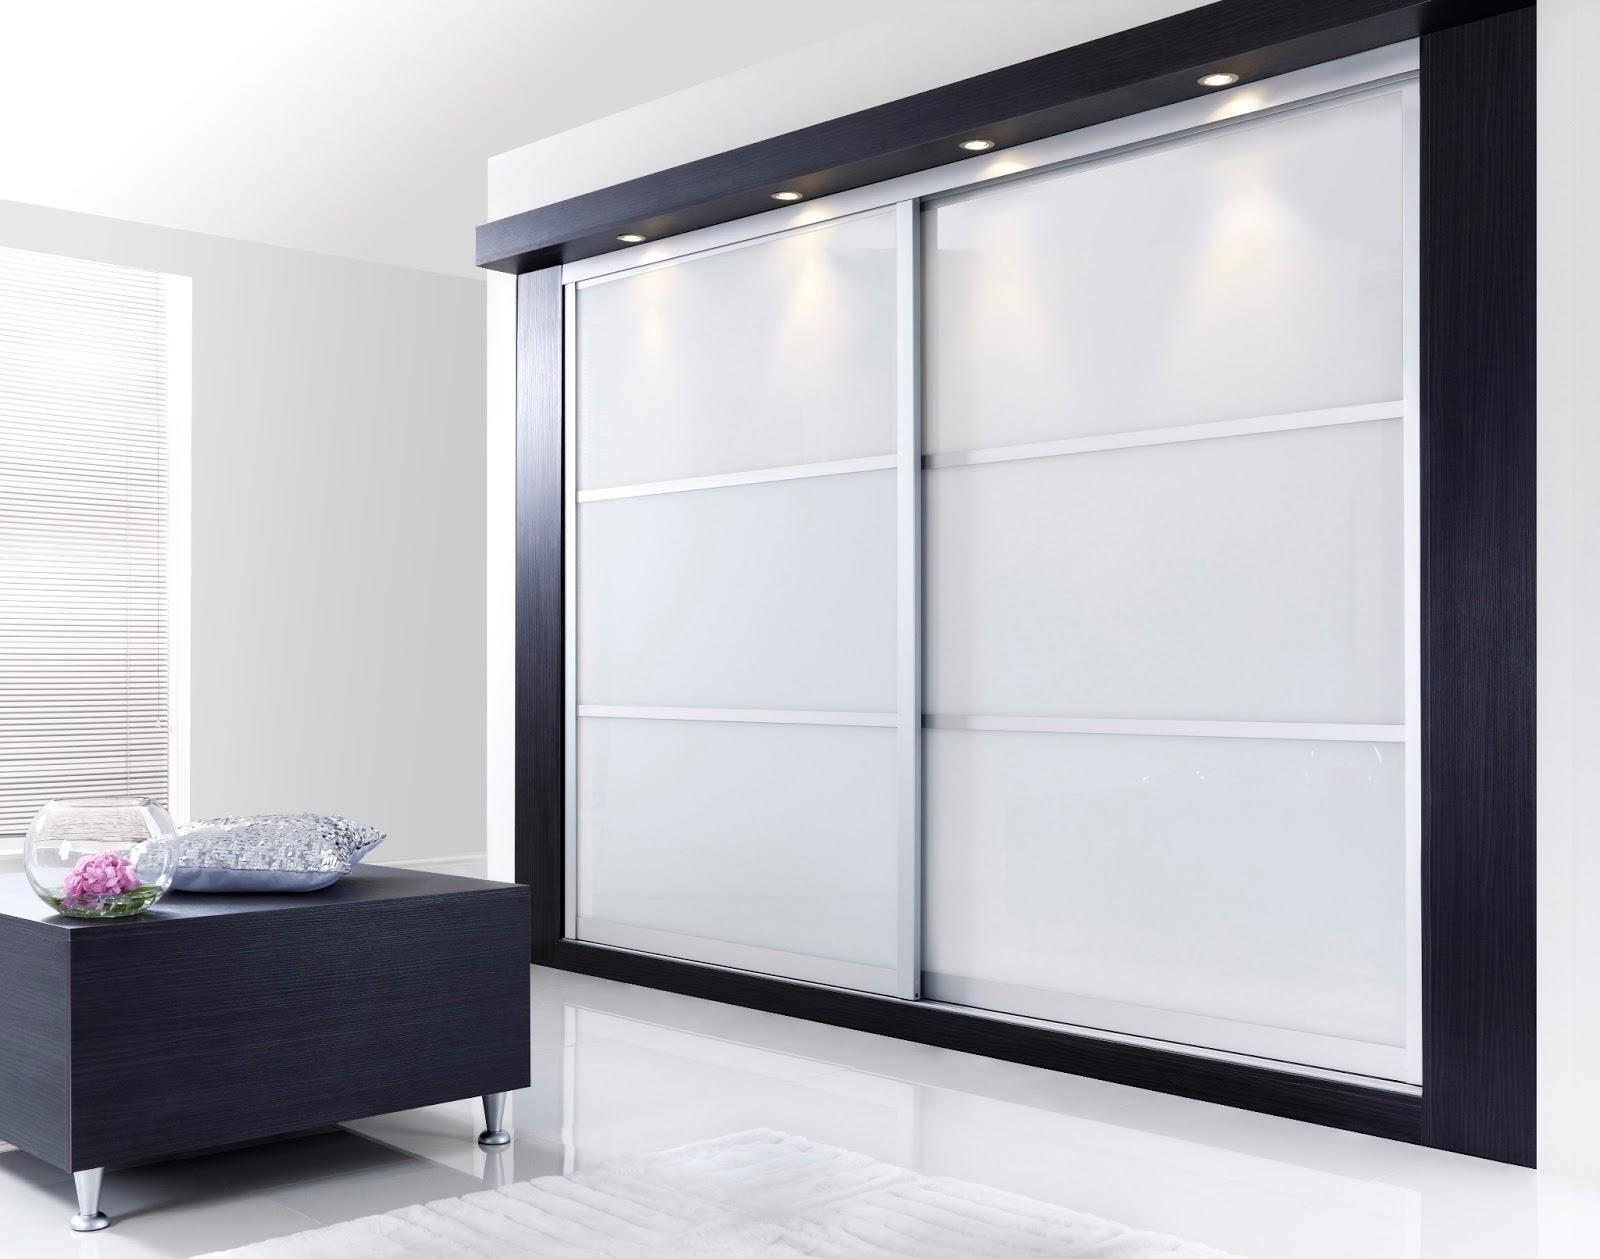 100 идей дизайна шкаф купе в прихожей гостиной и спальне на фото